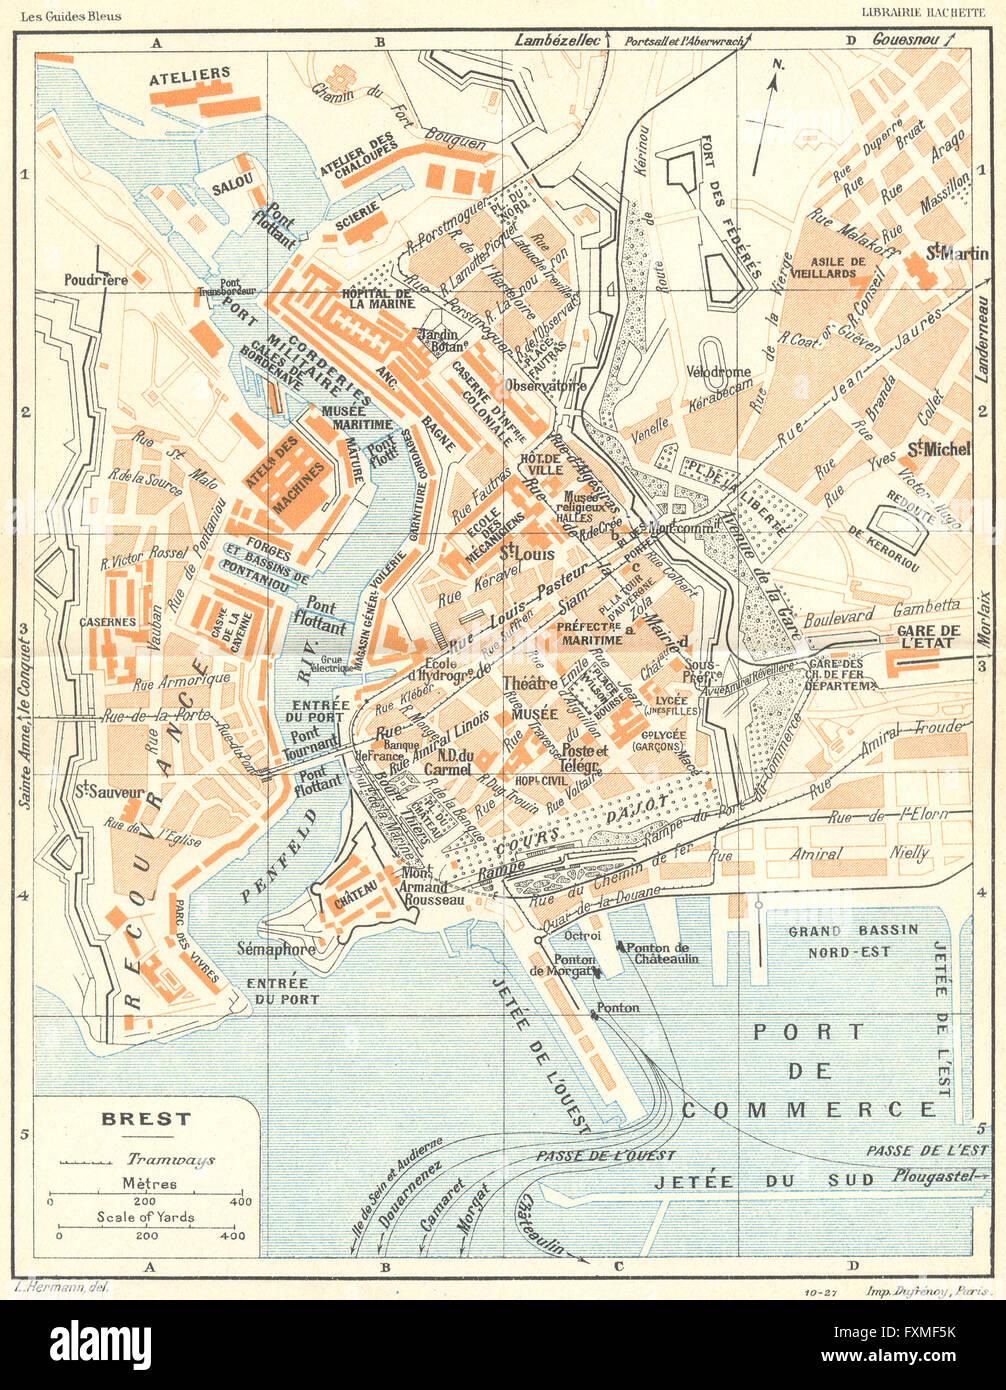 BRITTANY Bretagne Brest 1928 vintage map Stock Photo Royalty